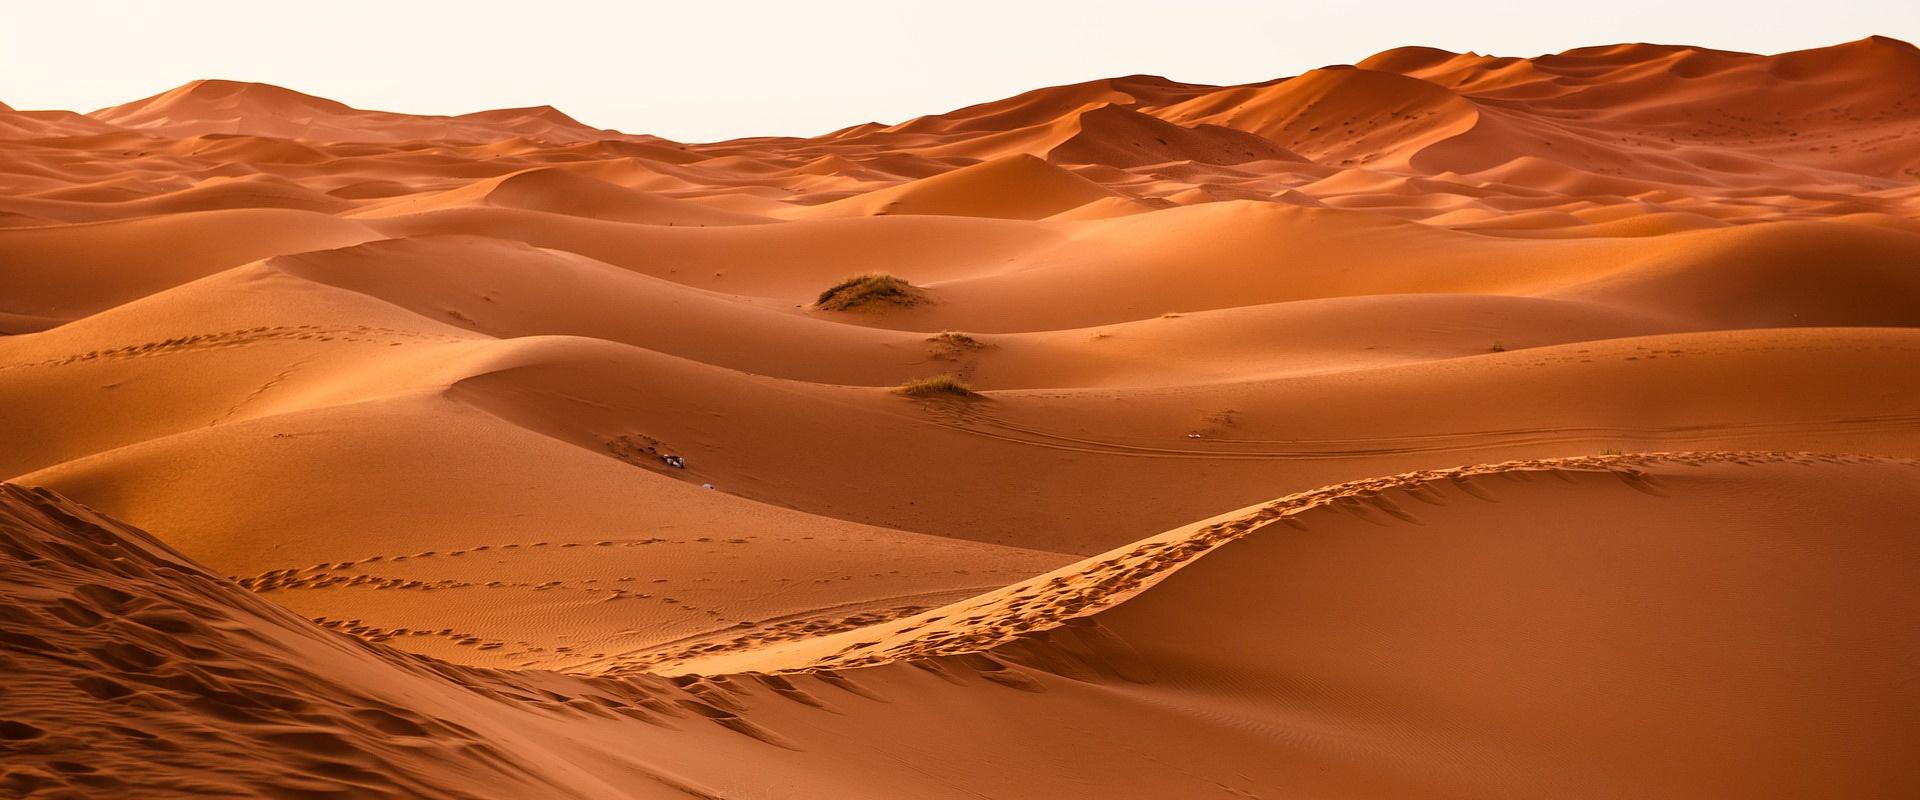 Voyages Expeditions Maroc - l'atlas et le sahara en 5 jours de voyages